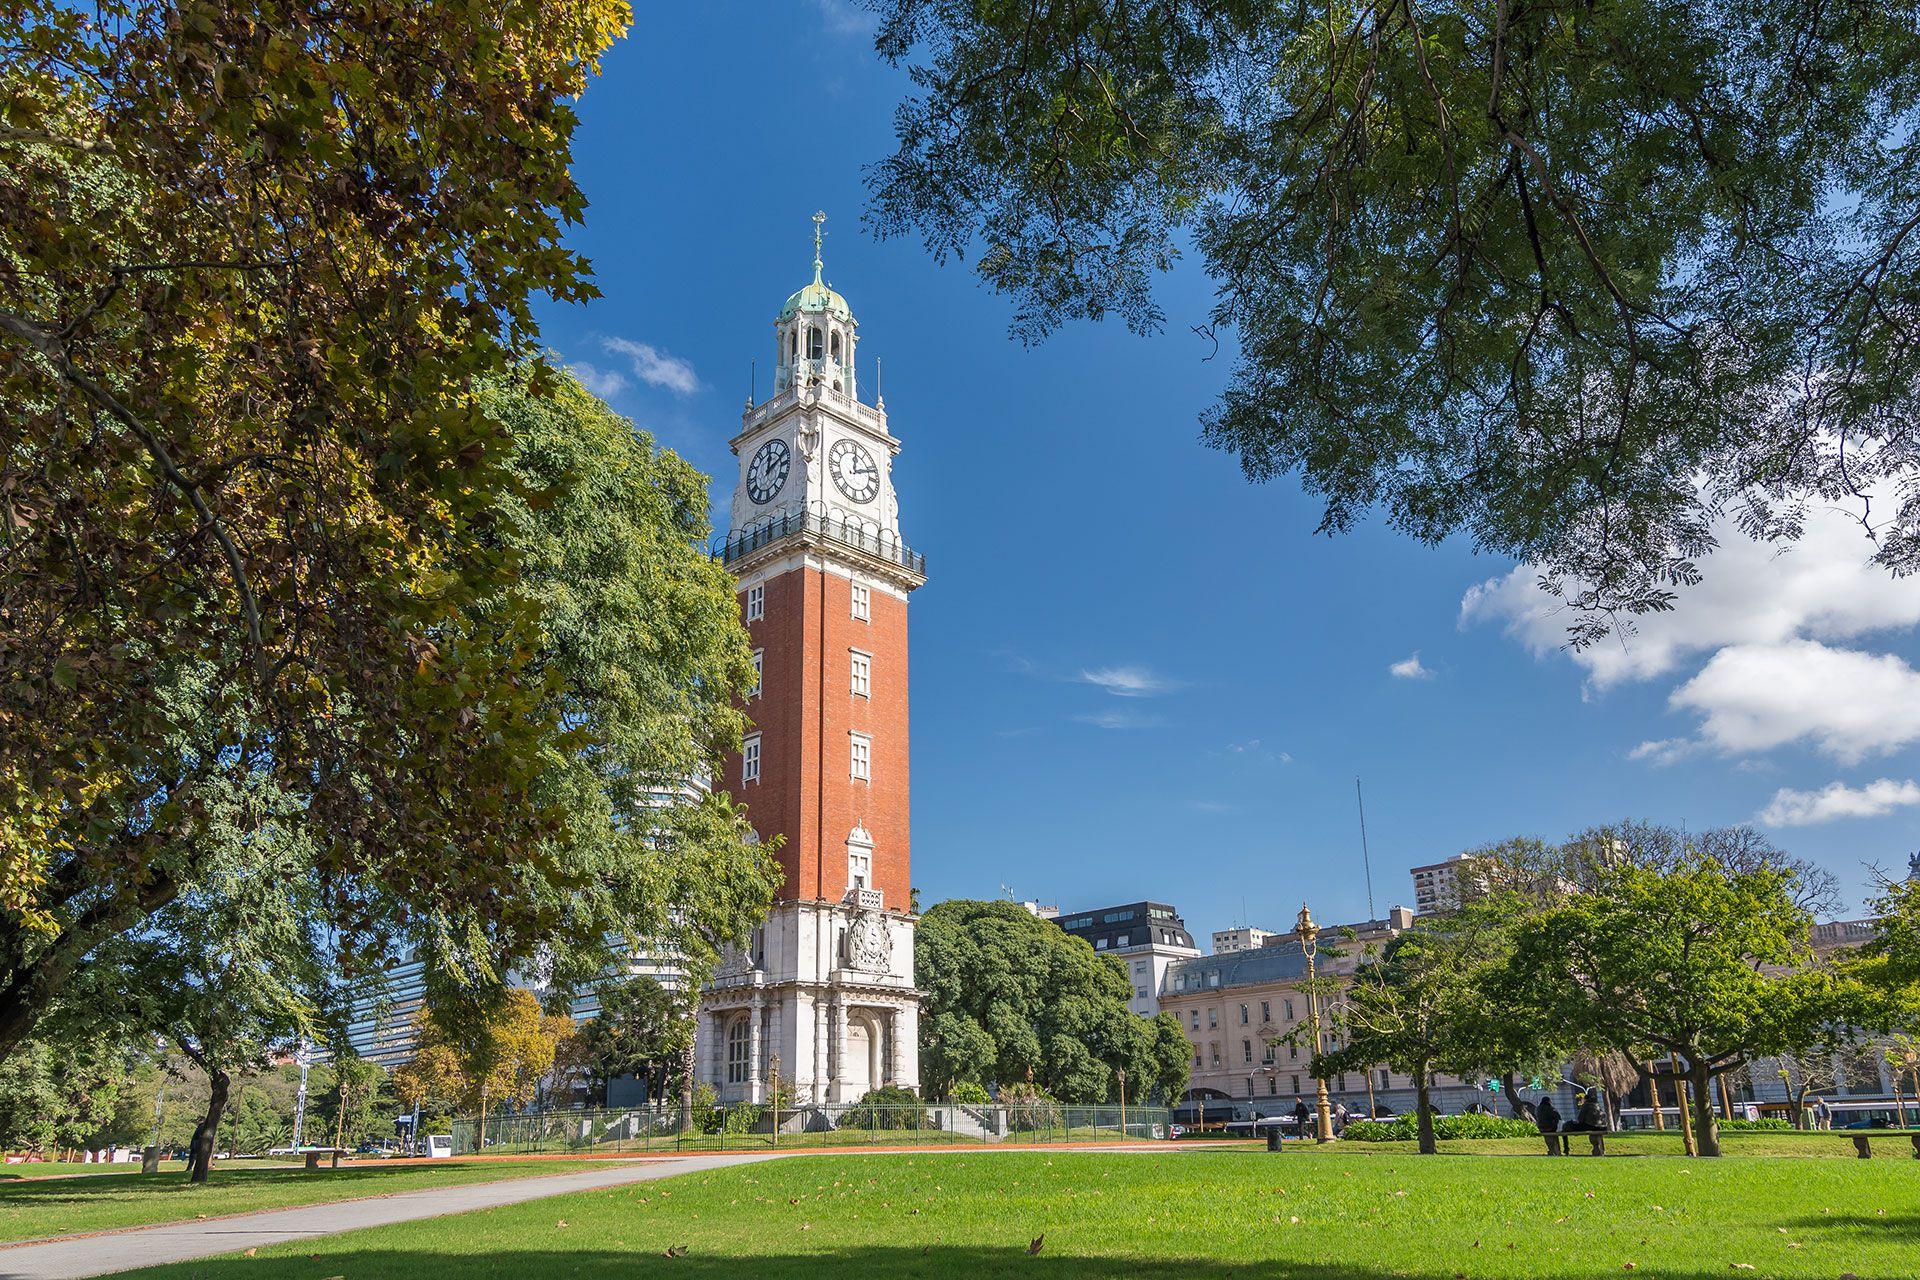 Conocida popularmente como la Torre de los ingleses su verdadero nombre es Torre Monumental, tiene casi 70 metros de altura y alberga una réplica del reloj Big Ben de Londres